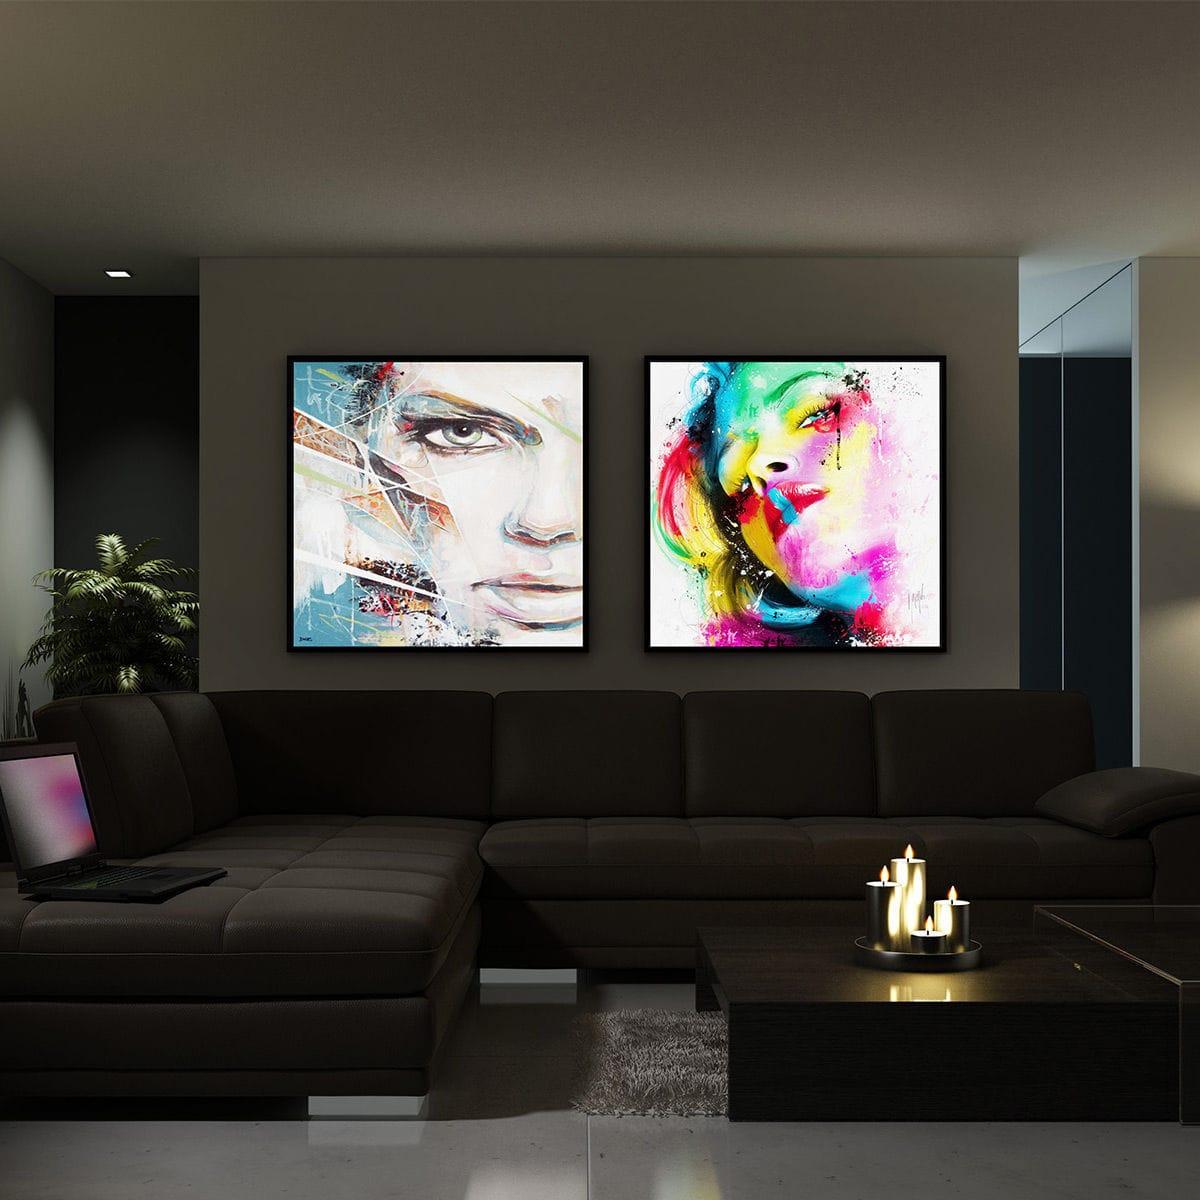 Panneau D Affichage Mural D Intérieur Lumineux à Led Ph 01